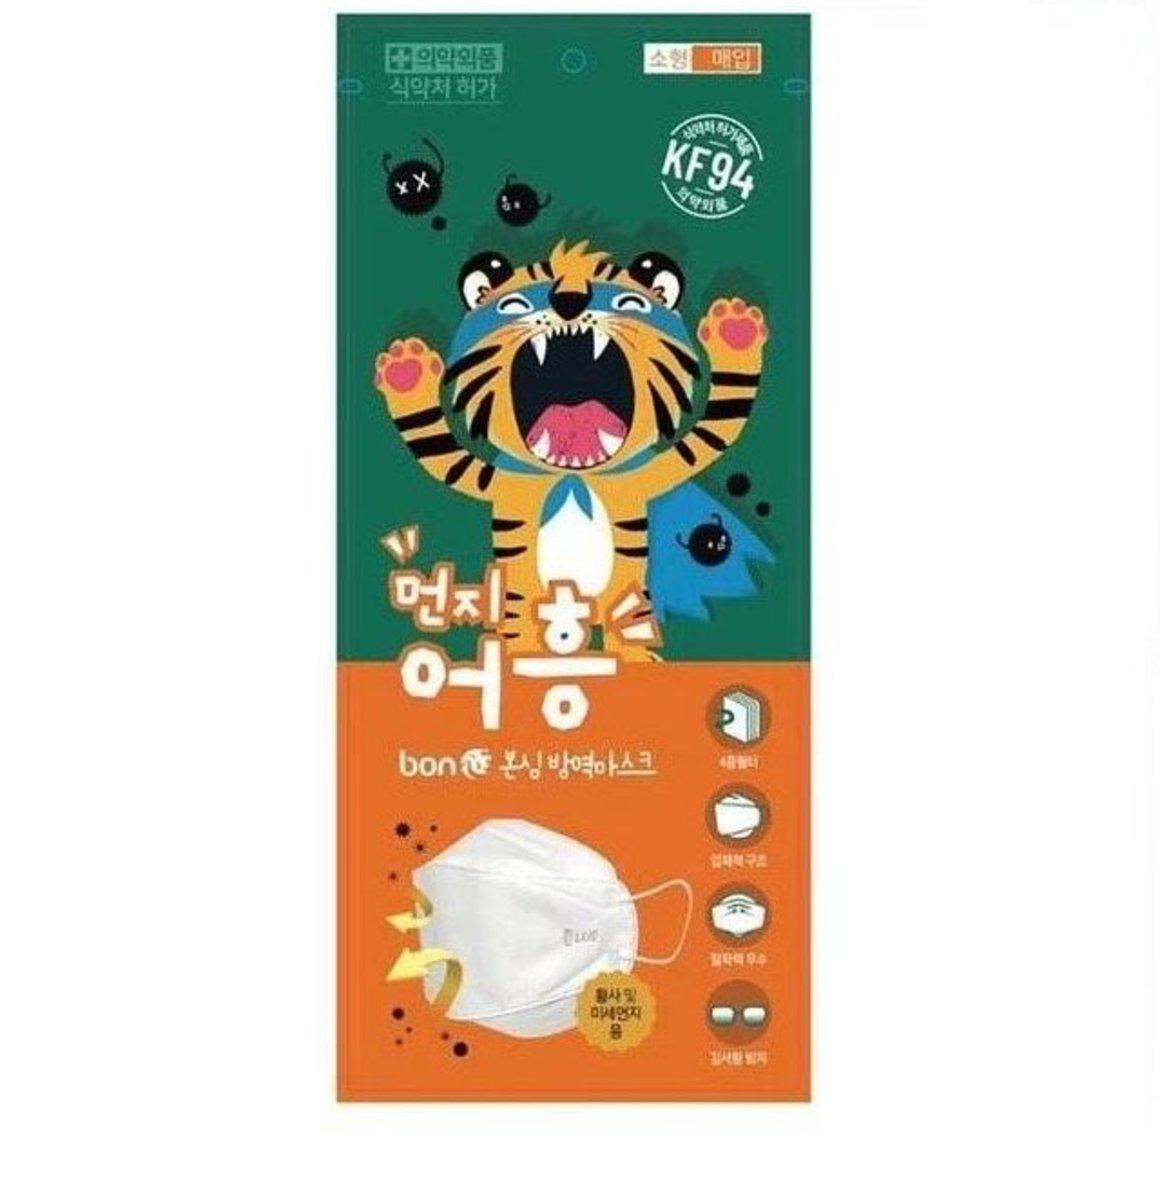 BON {韓國製}KF94四層專業級防疫立體口罩(兒童白色)-醫療級防護標準